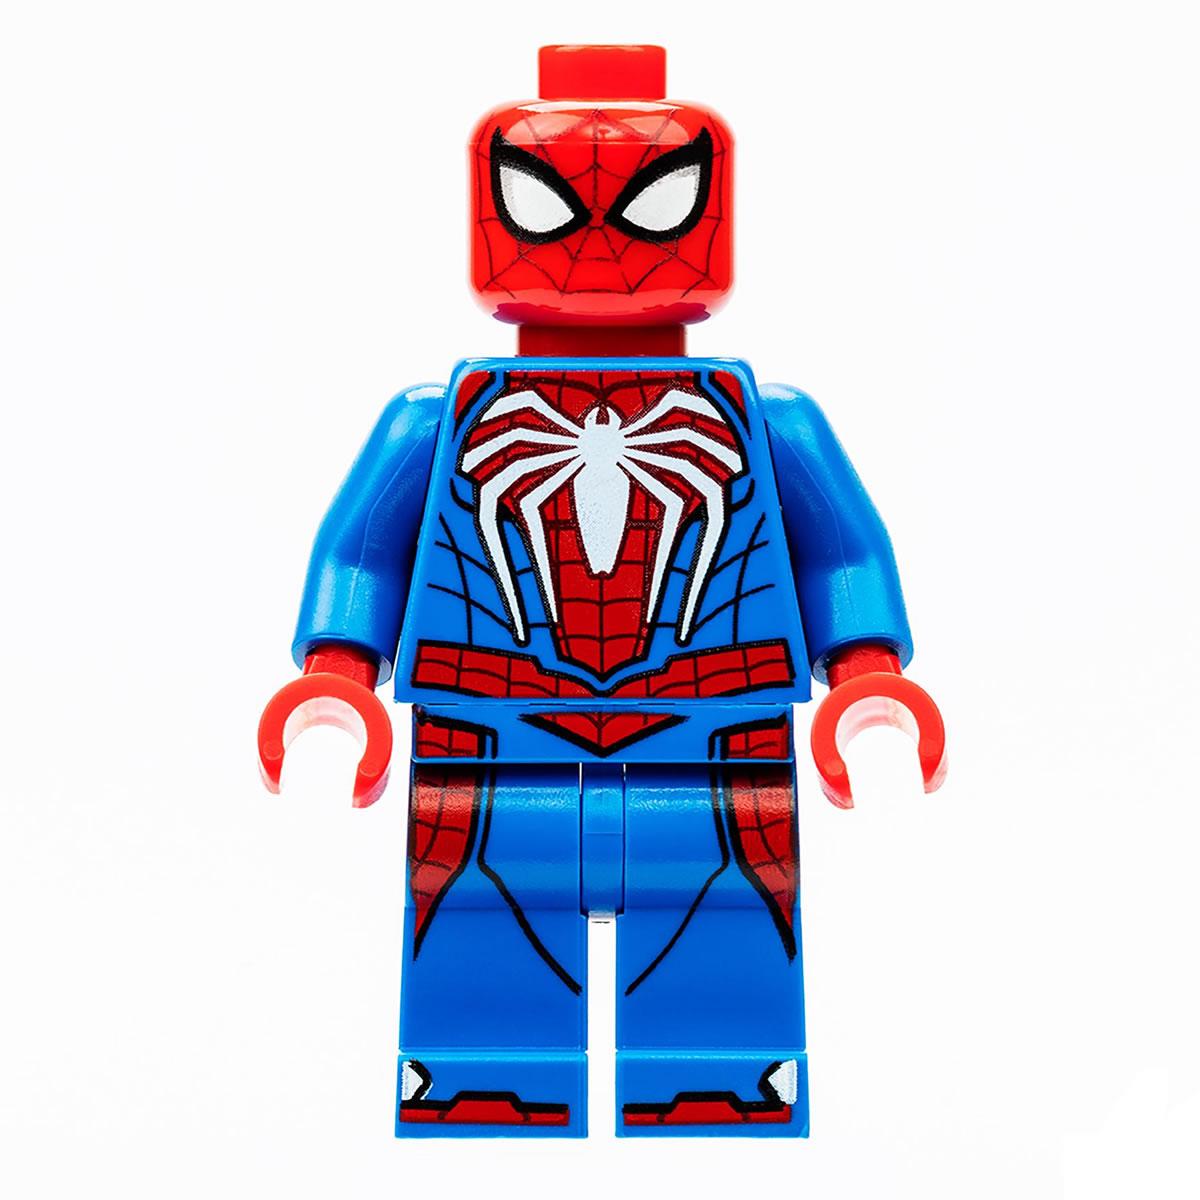 lego-marvel-spider-man-exclusive-minifigure-san-diego-comic-con-2019 zusammengebaut.com